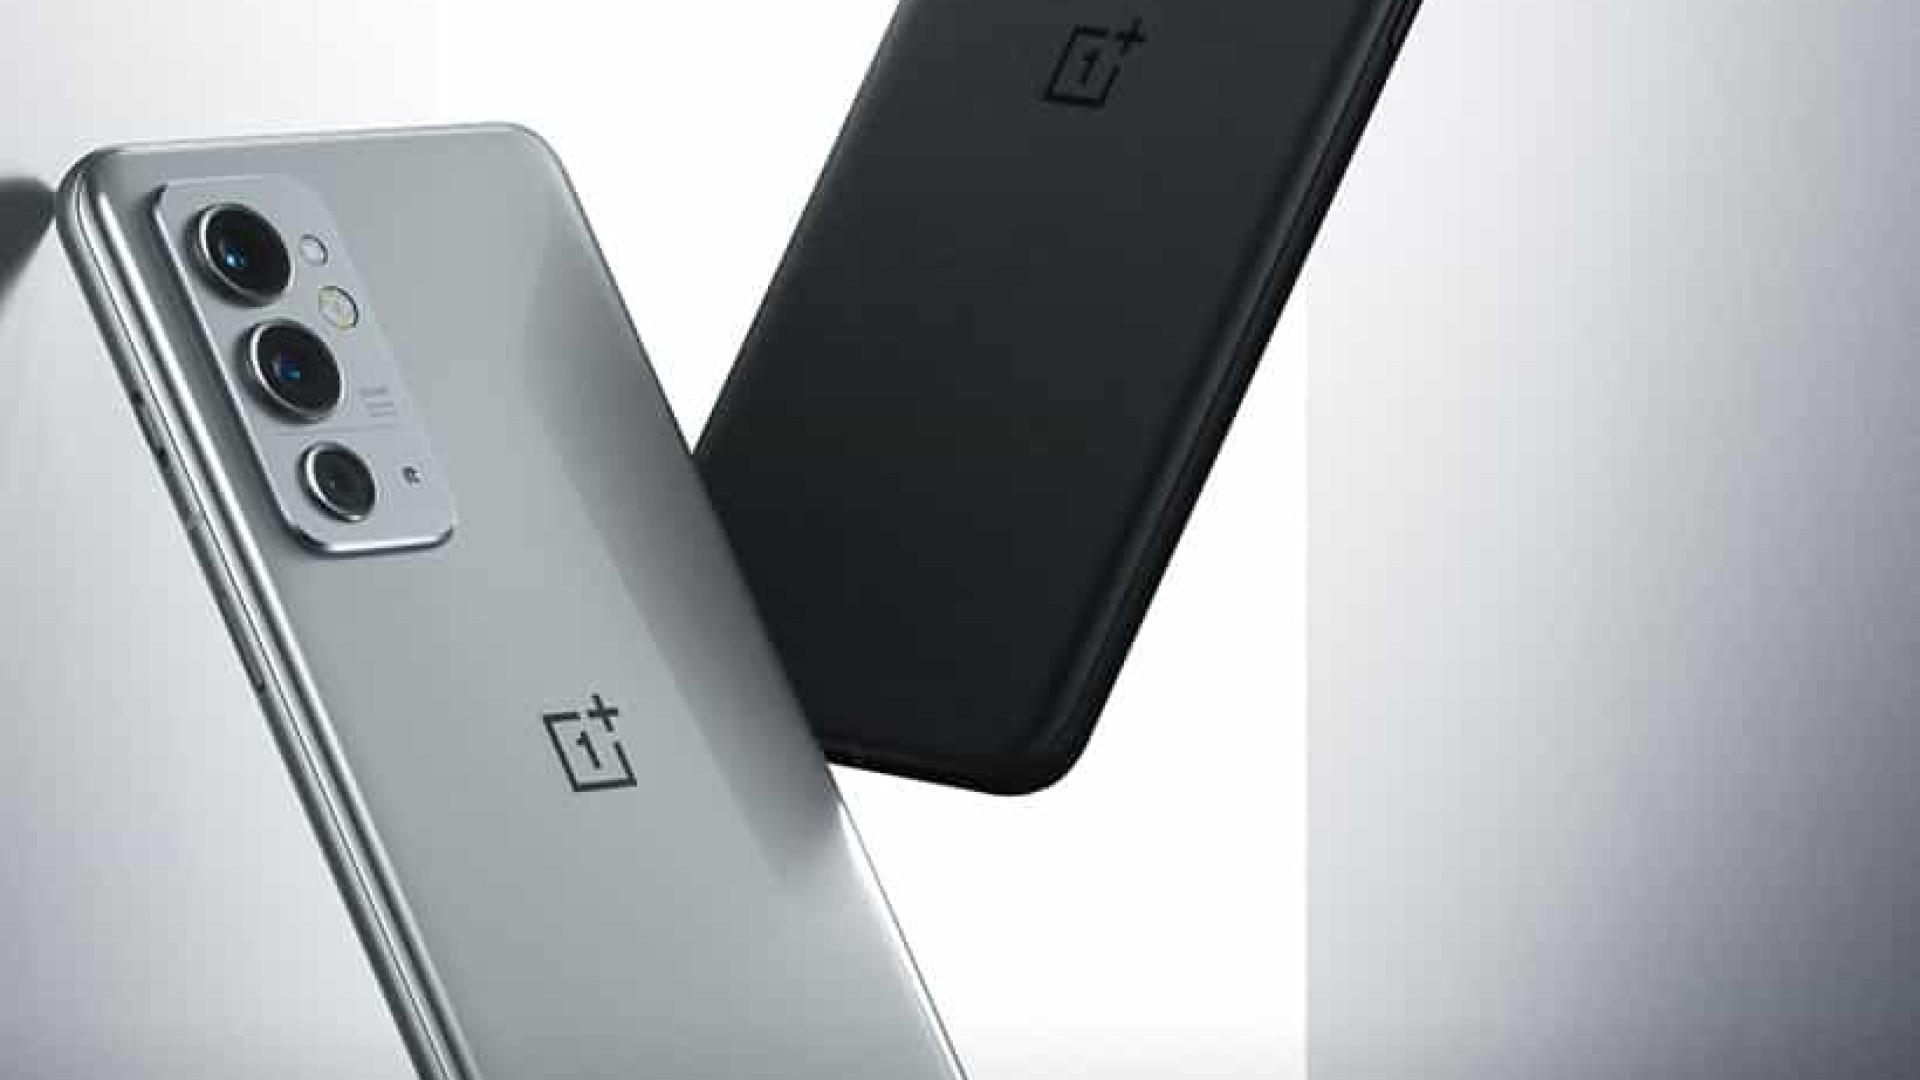 OnePlus lança novo telemóvel esta semana. Eis as imagens